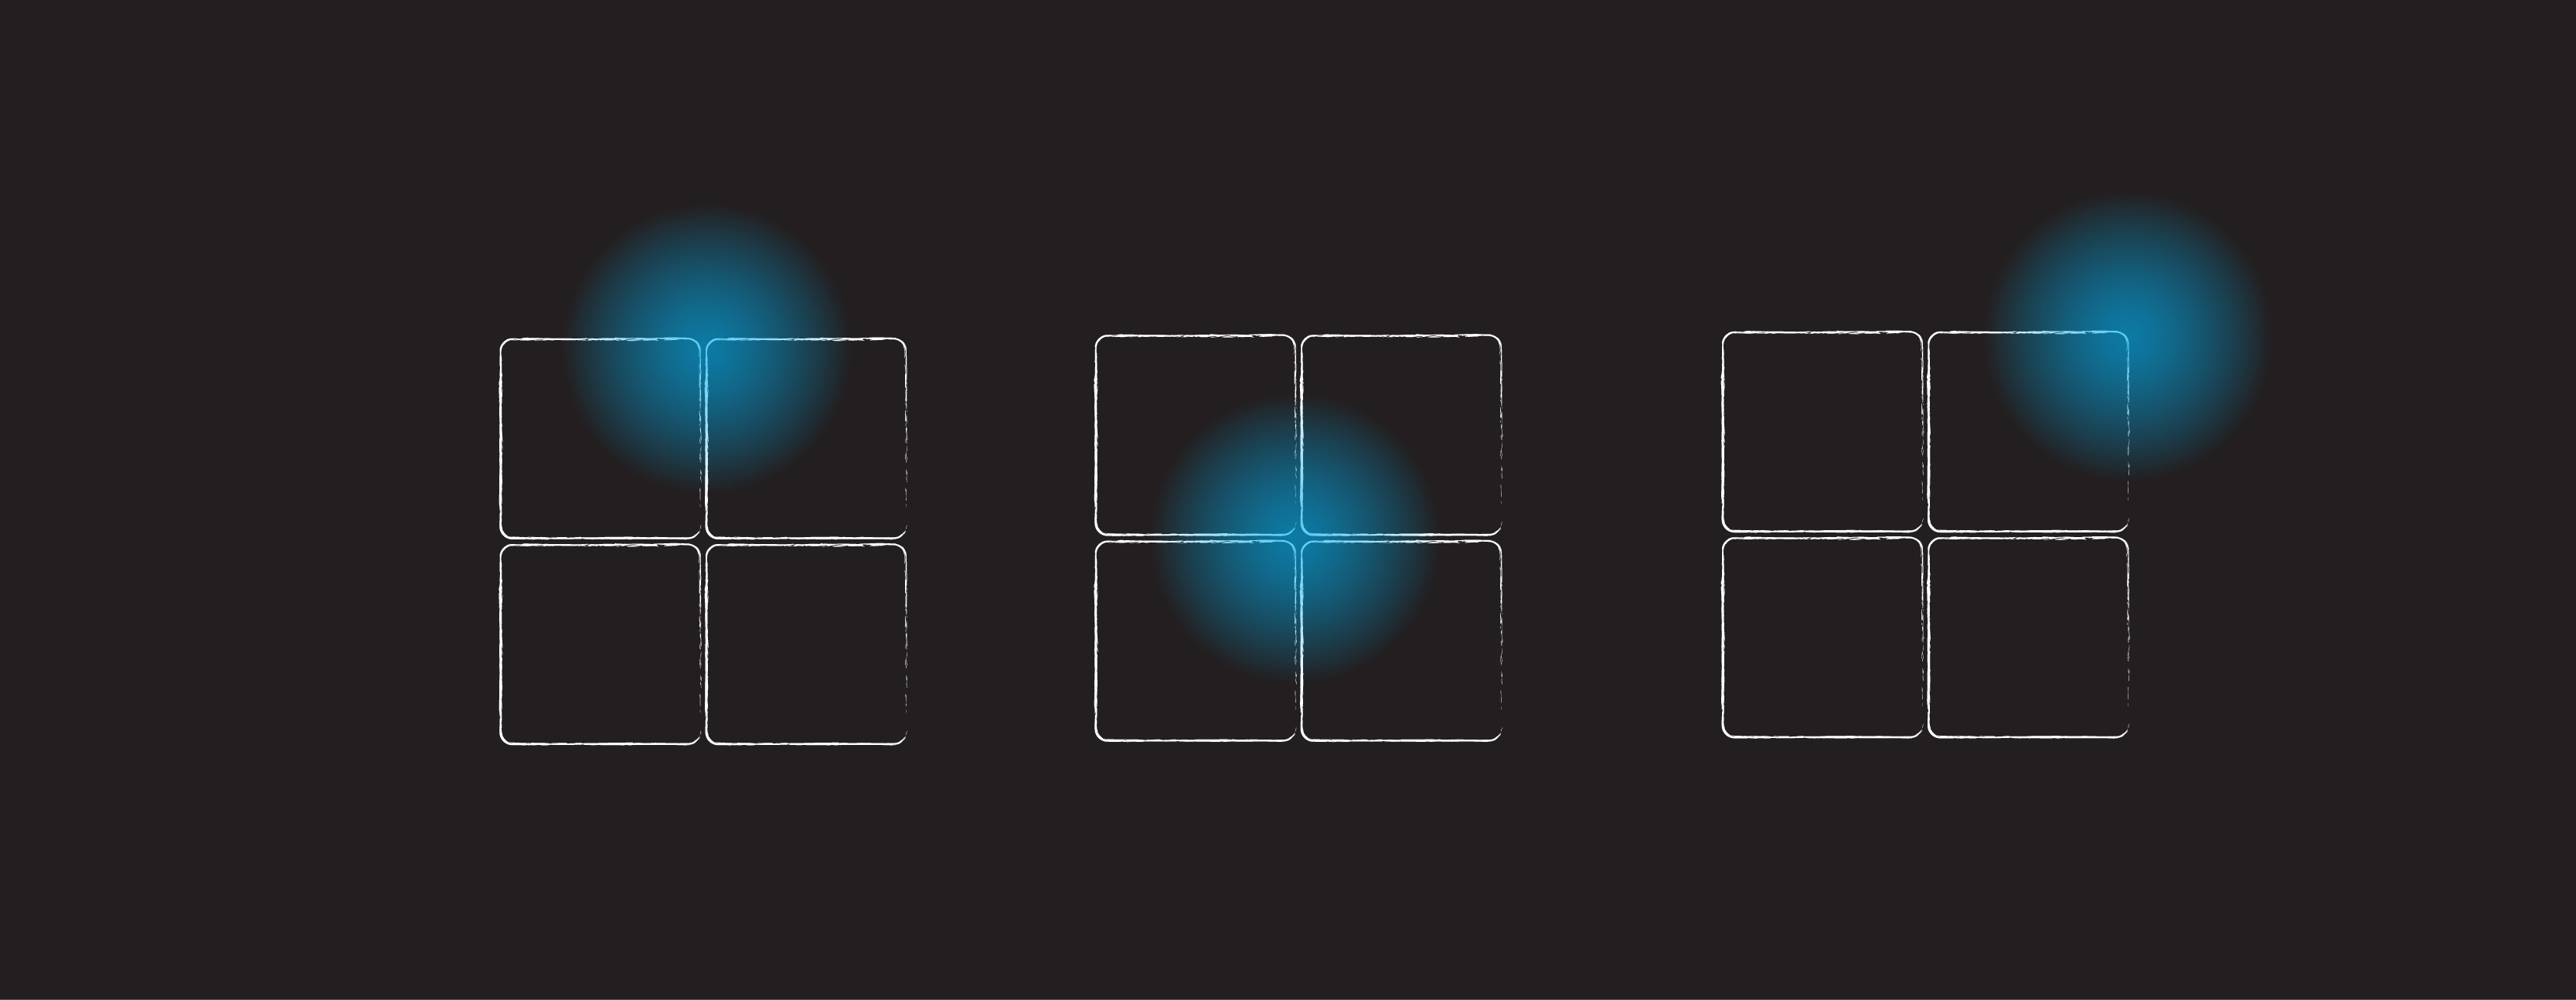 illustrate-01